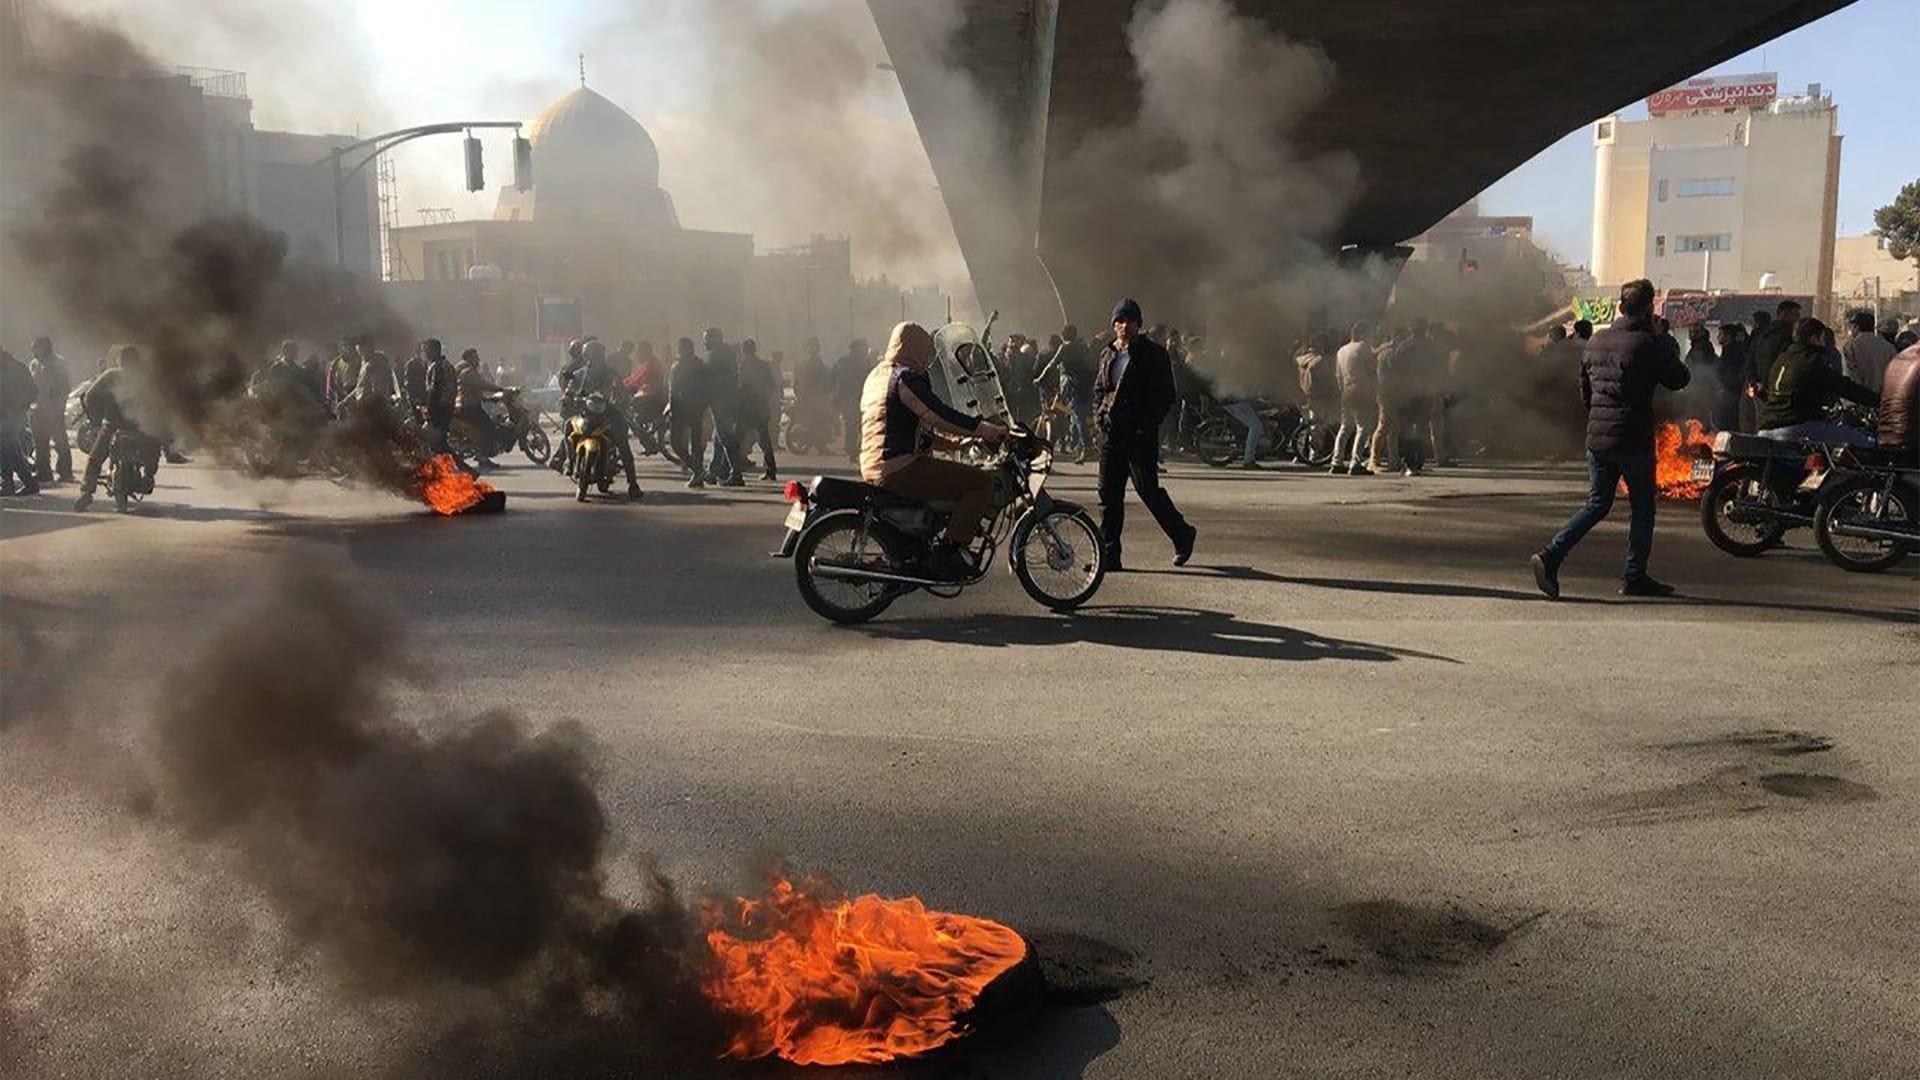 نت بلوكس: السلطات الإيرانية قطعت الإنترنت بشكل كلي تزامنا مع احتجاجات في خوزستان